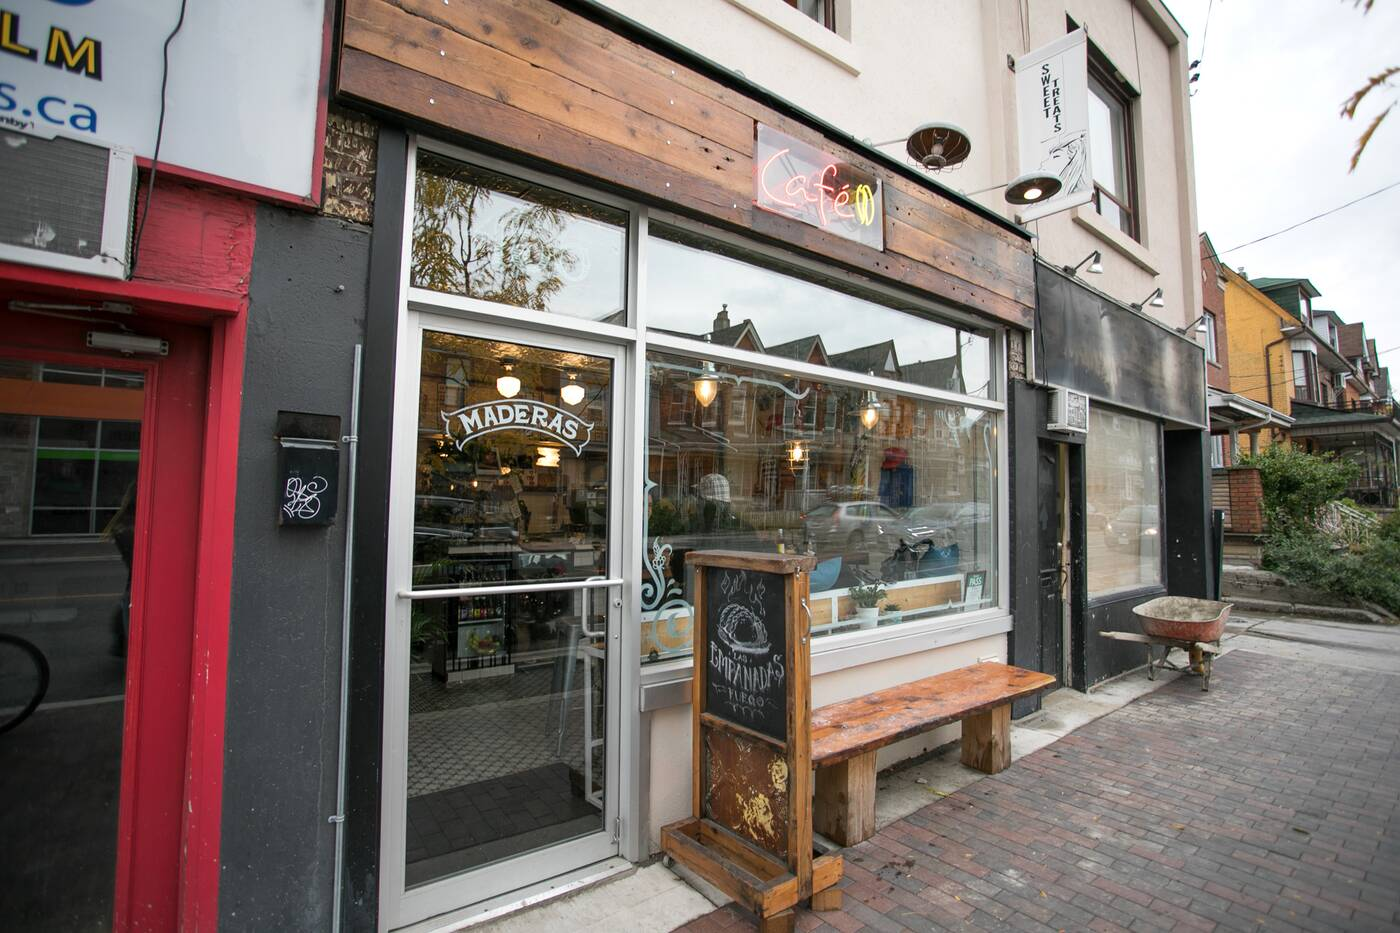 maderas cafe toronto